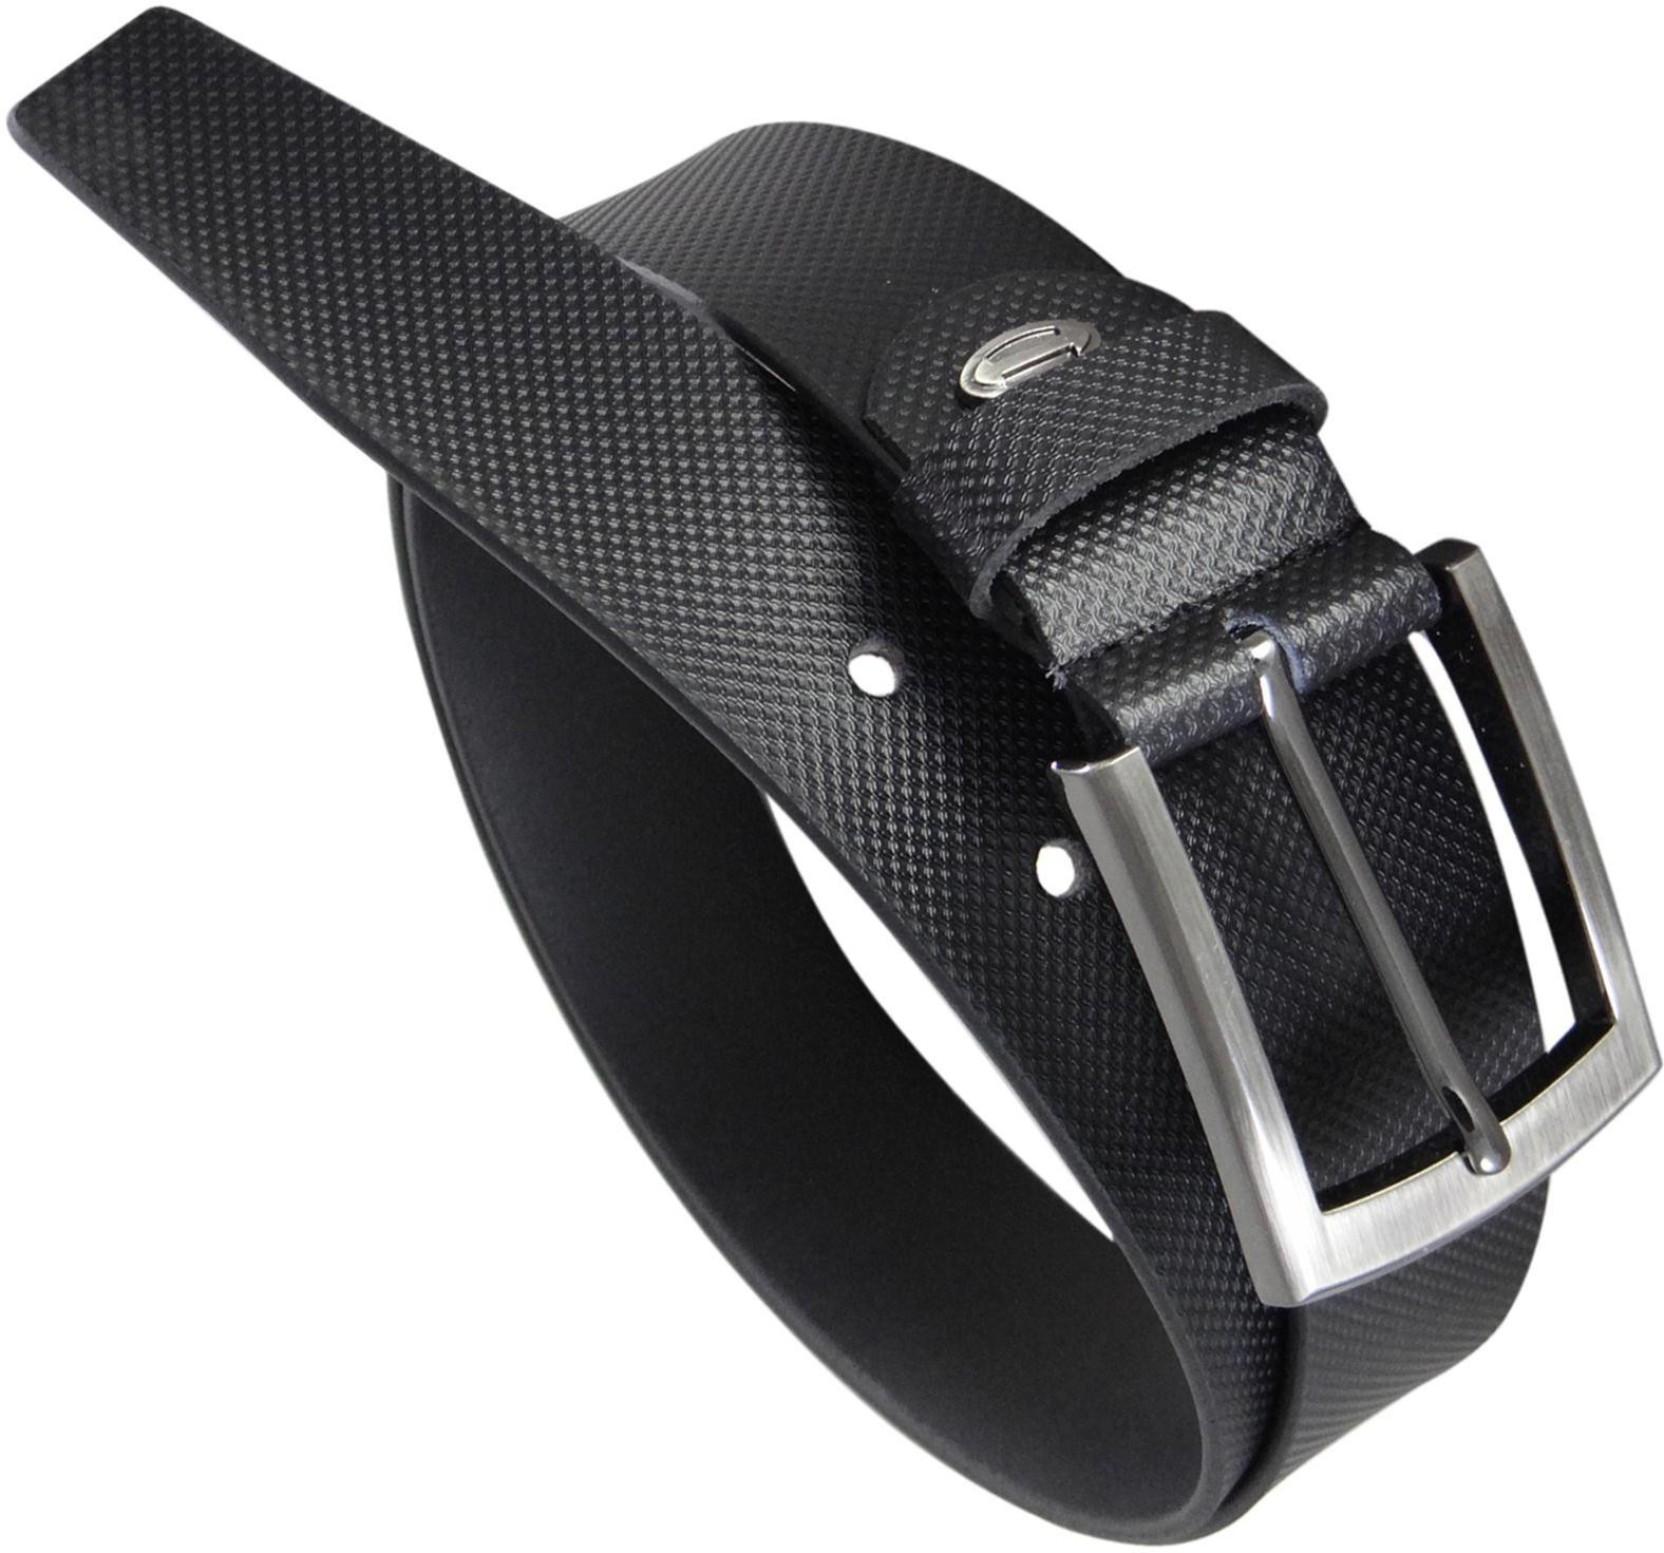 de1b4a6ddcaf Midas Men Formal Black Genuine Leather Belt Black - Price in India ...